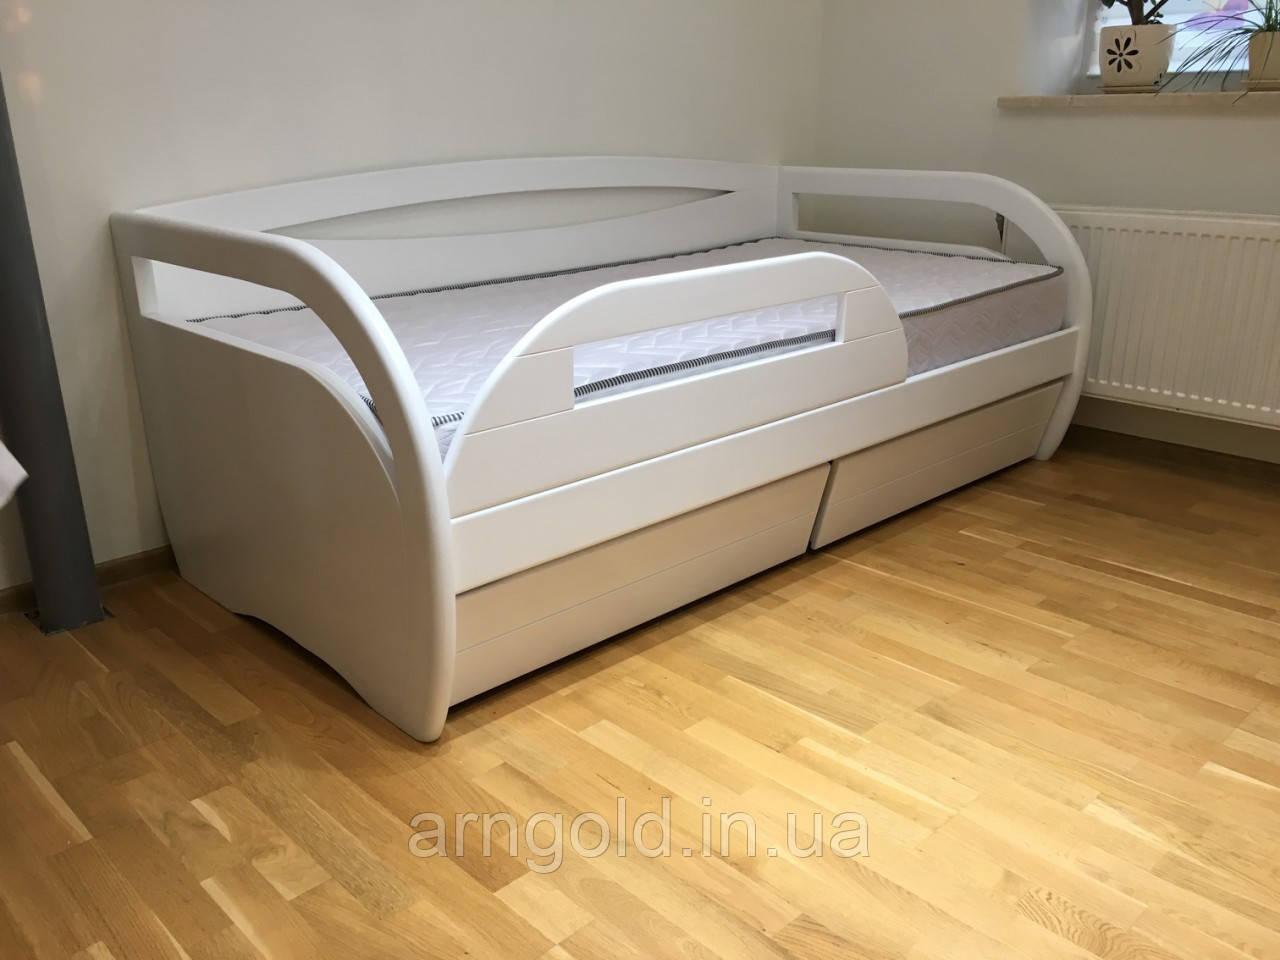 Кровать деревянная Bavaria Arngold 100х200